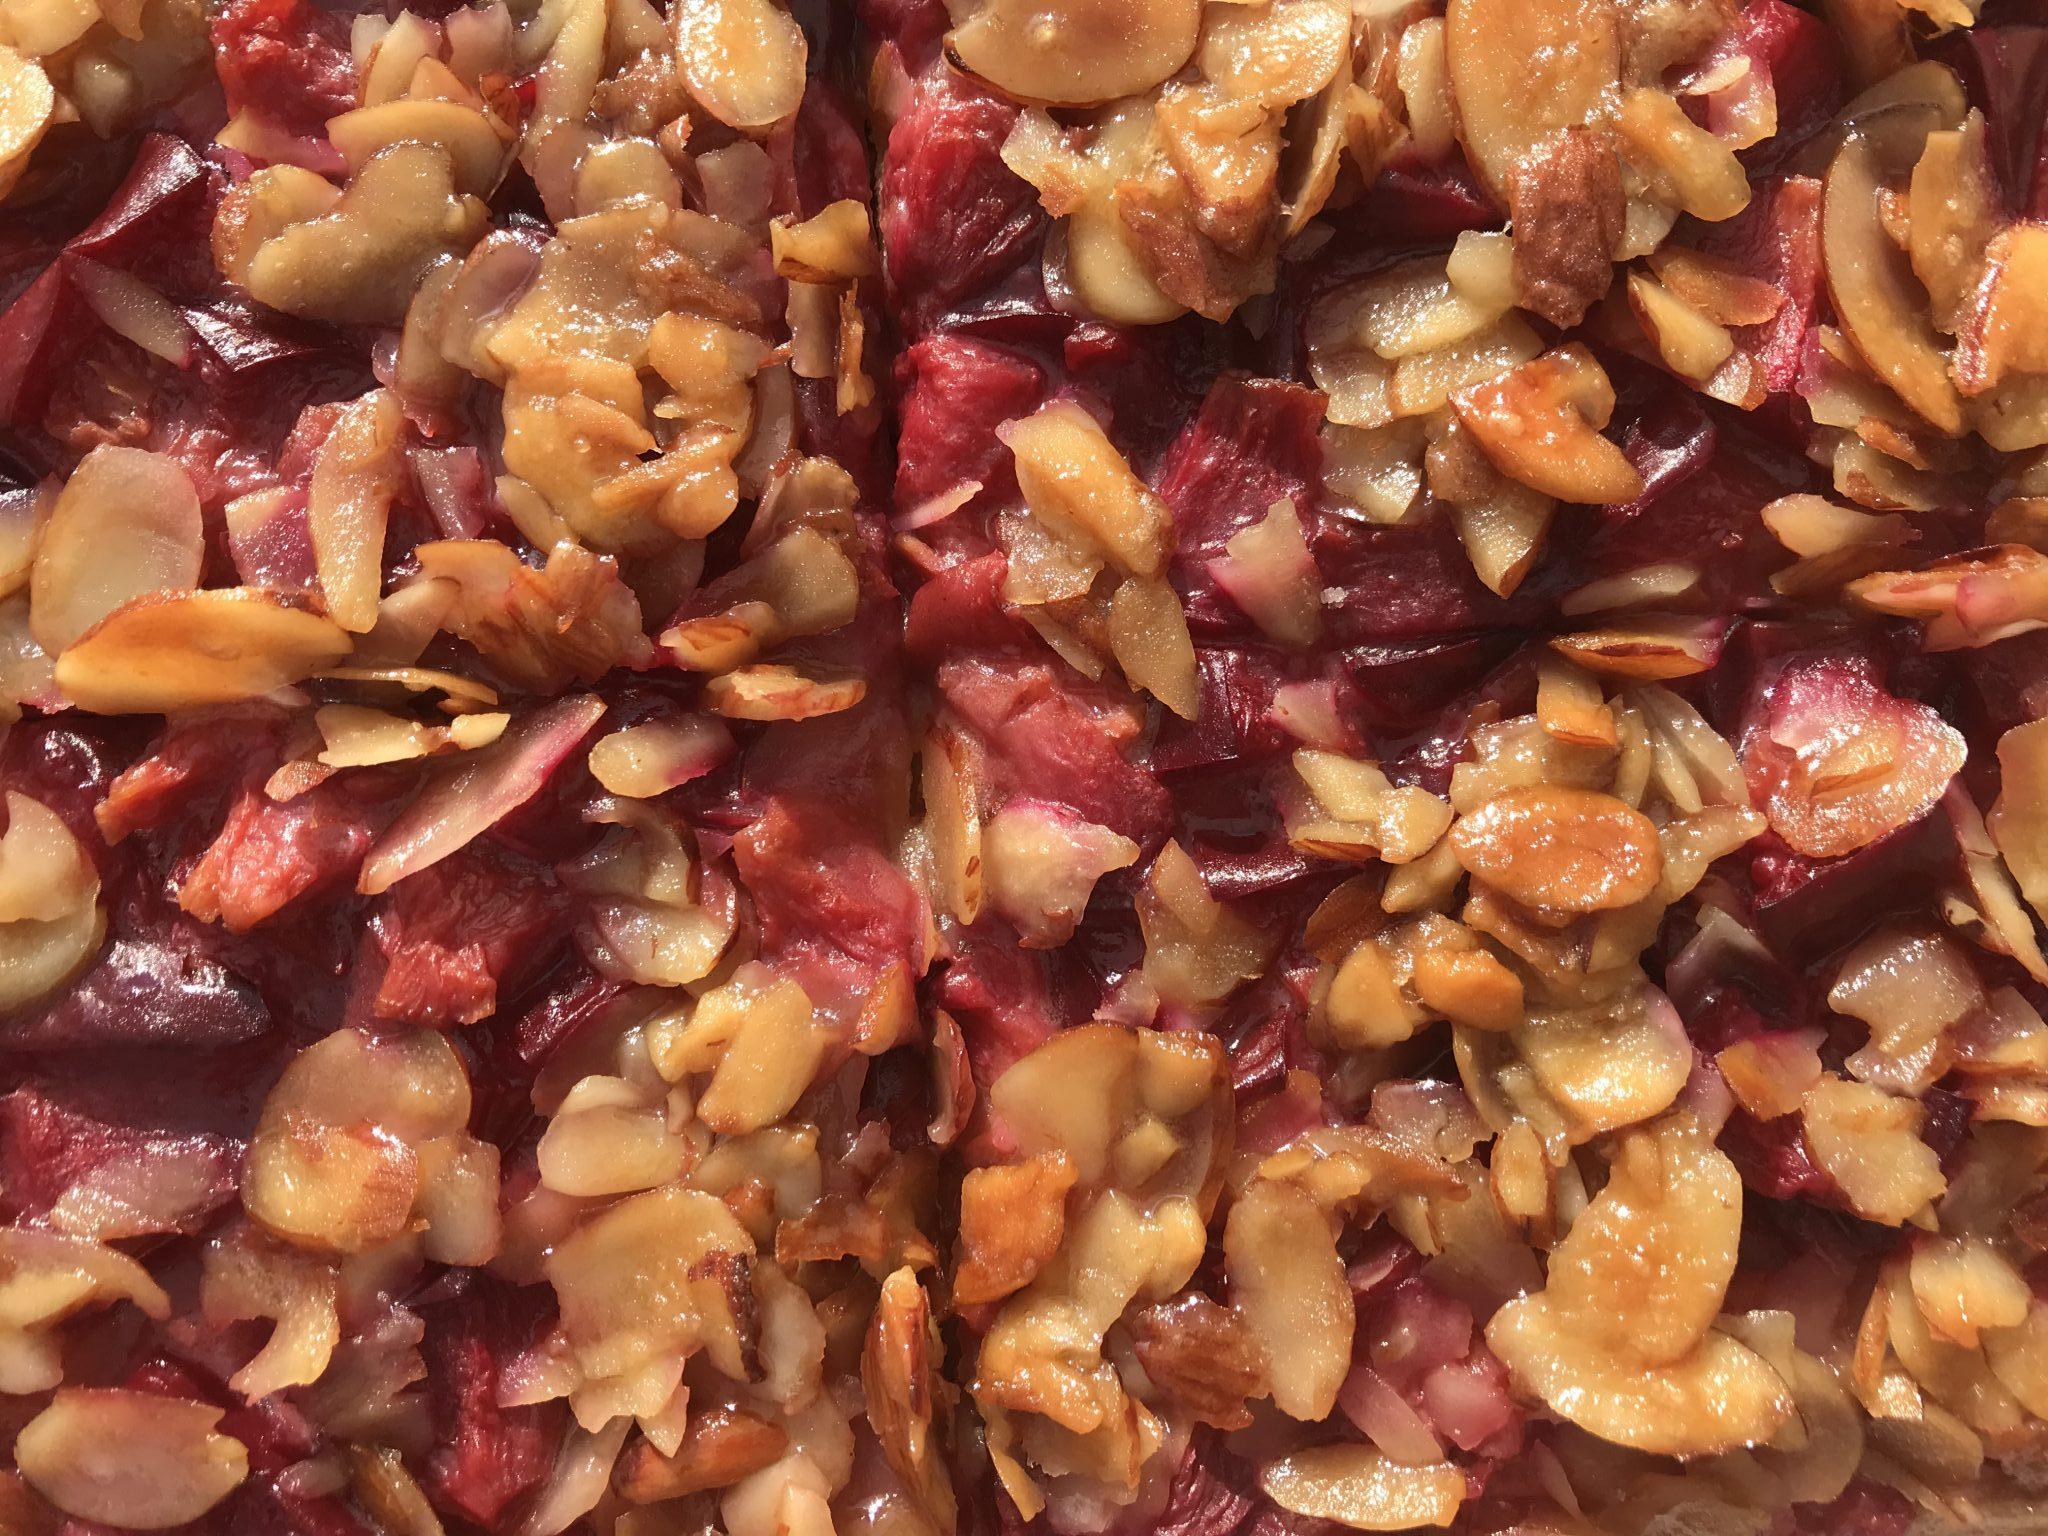 Closeup of fruit tart with almonds